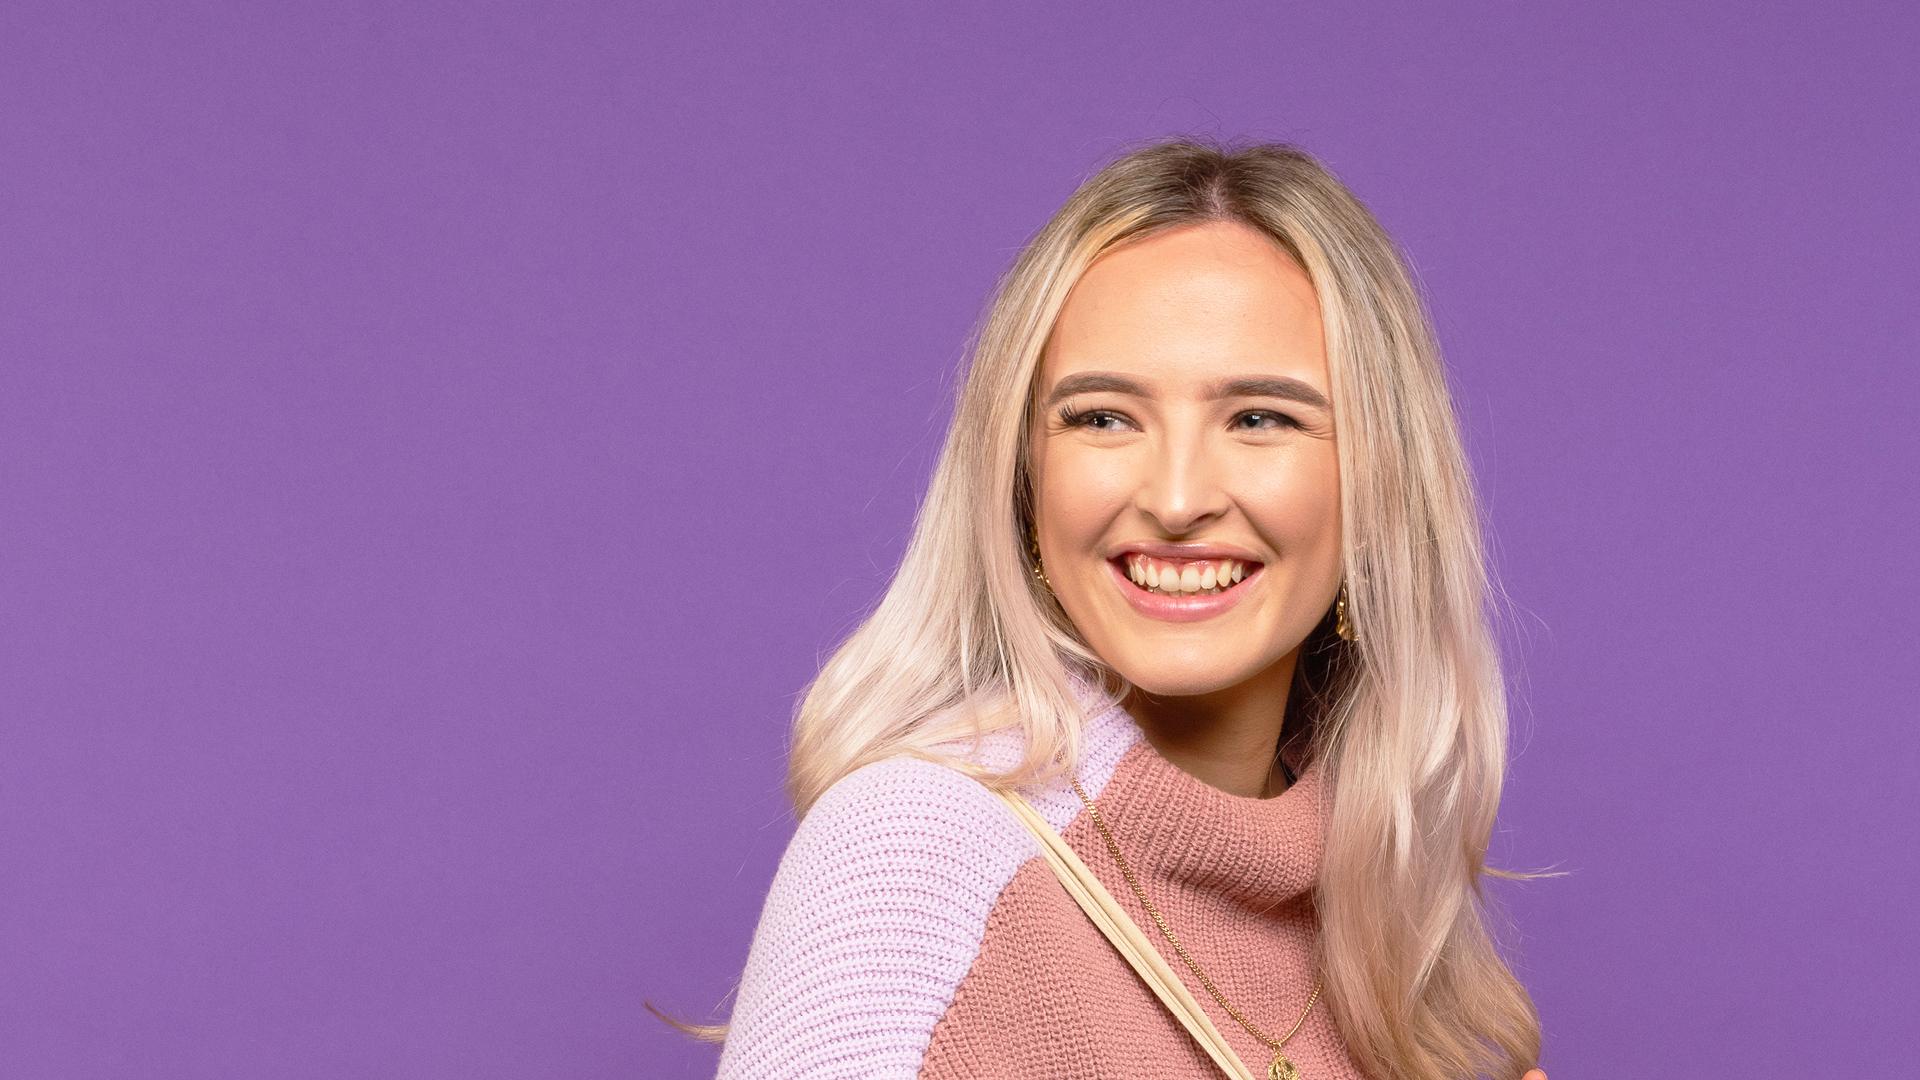 Mackyla Palmer-Logue profile image.